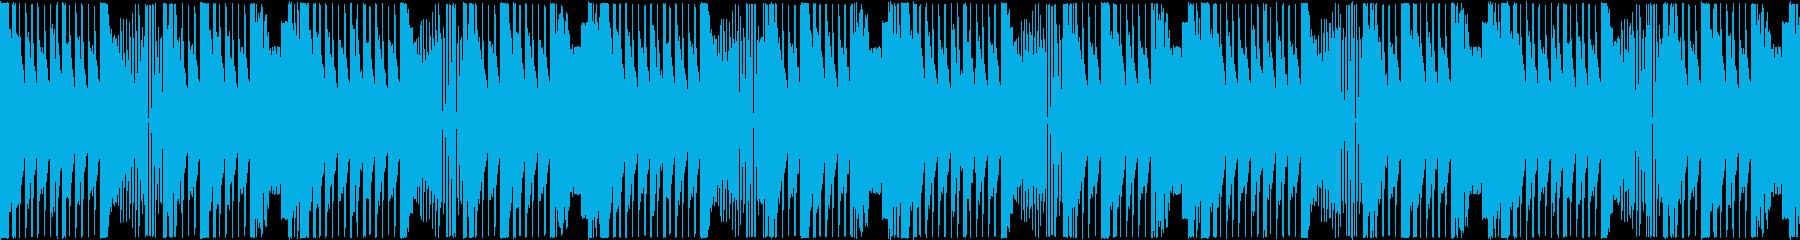 【ゲーム/ファンタジー/ダークな雰囲気】の再生済みの波形